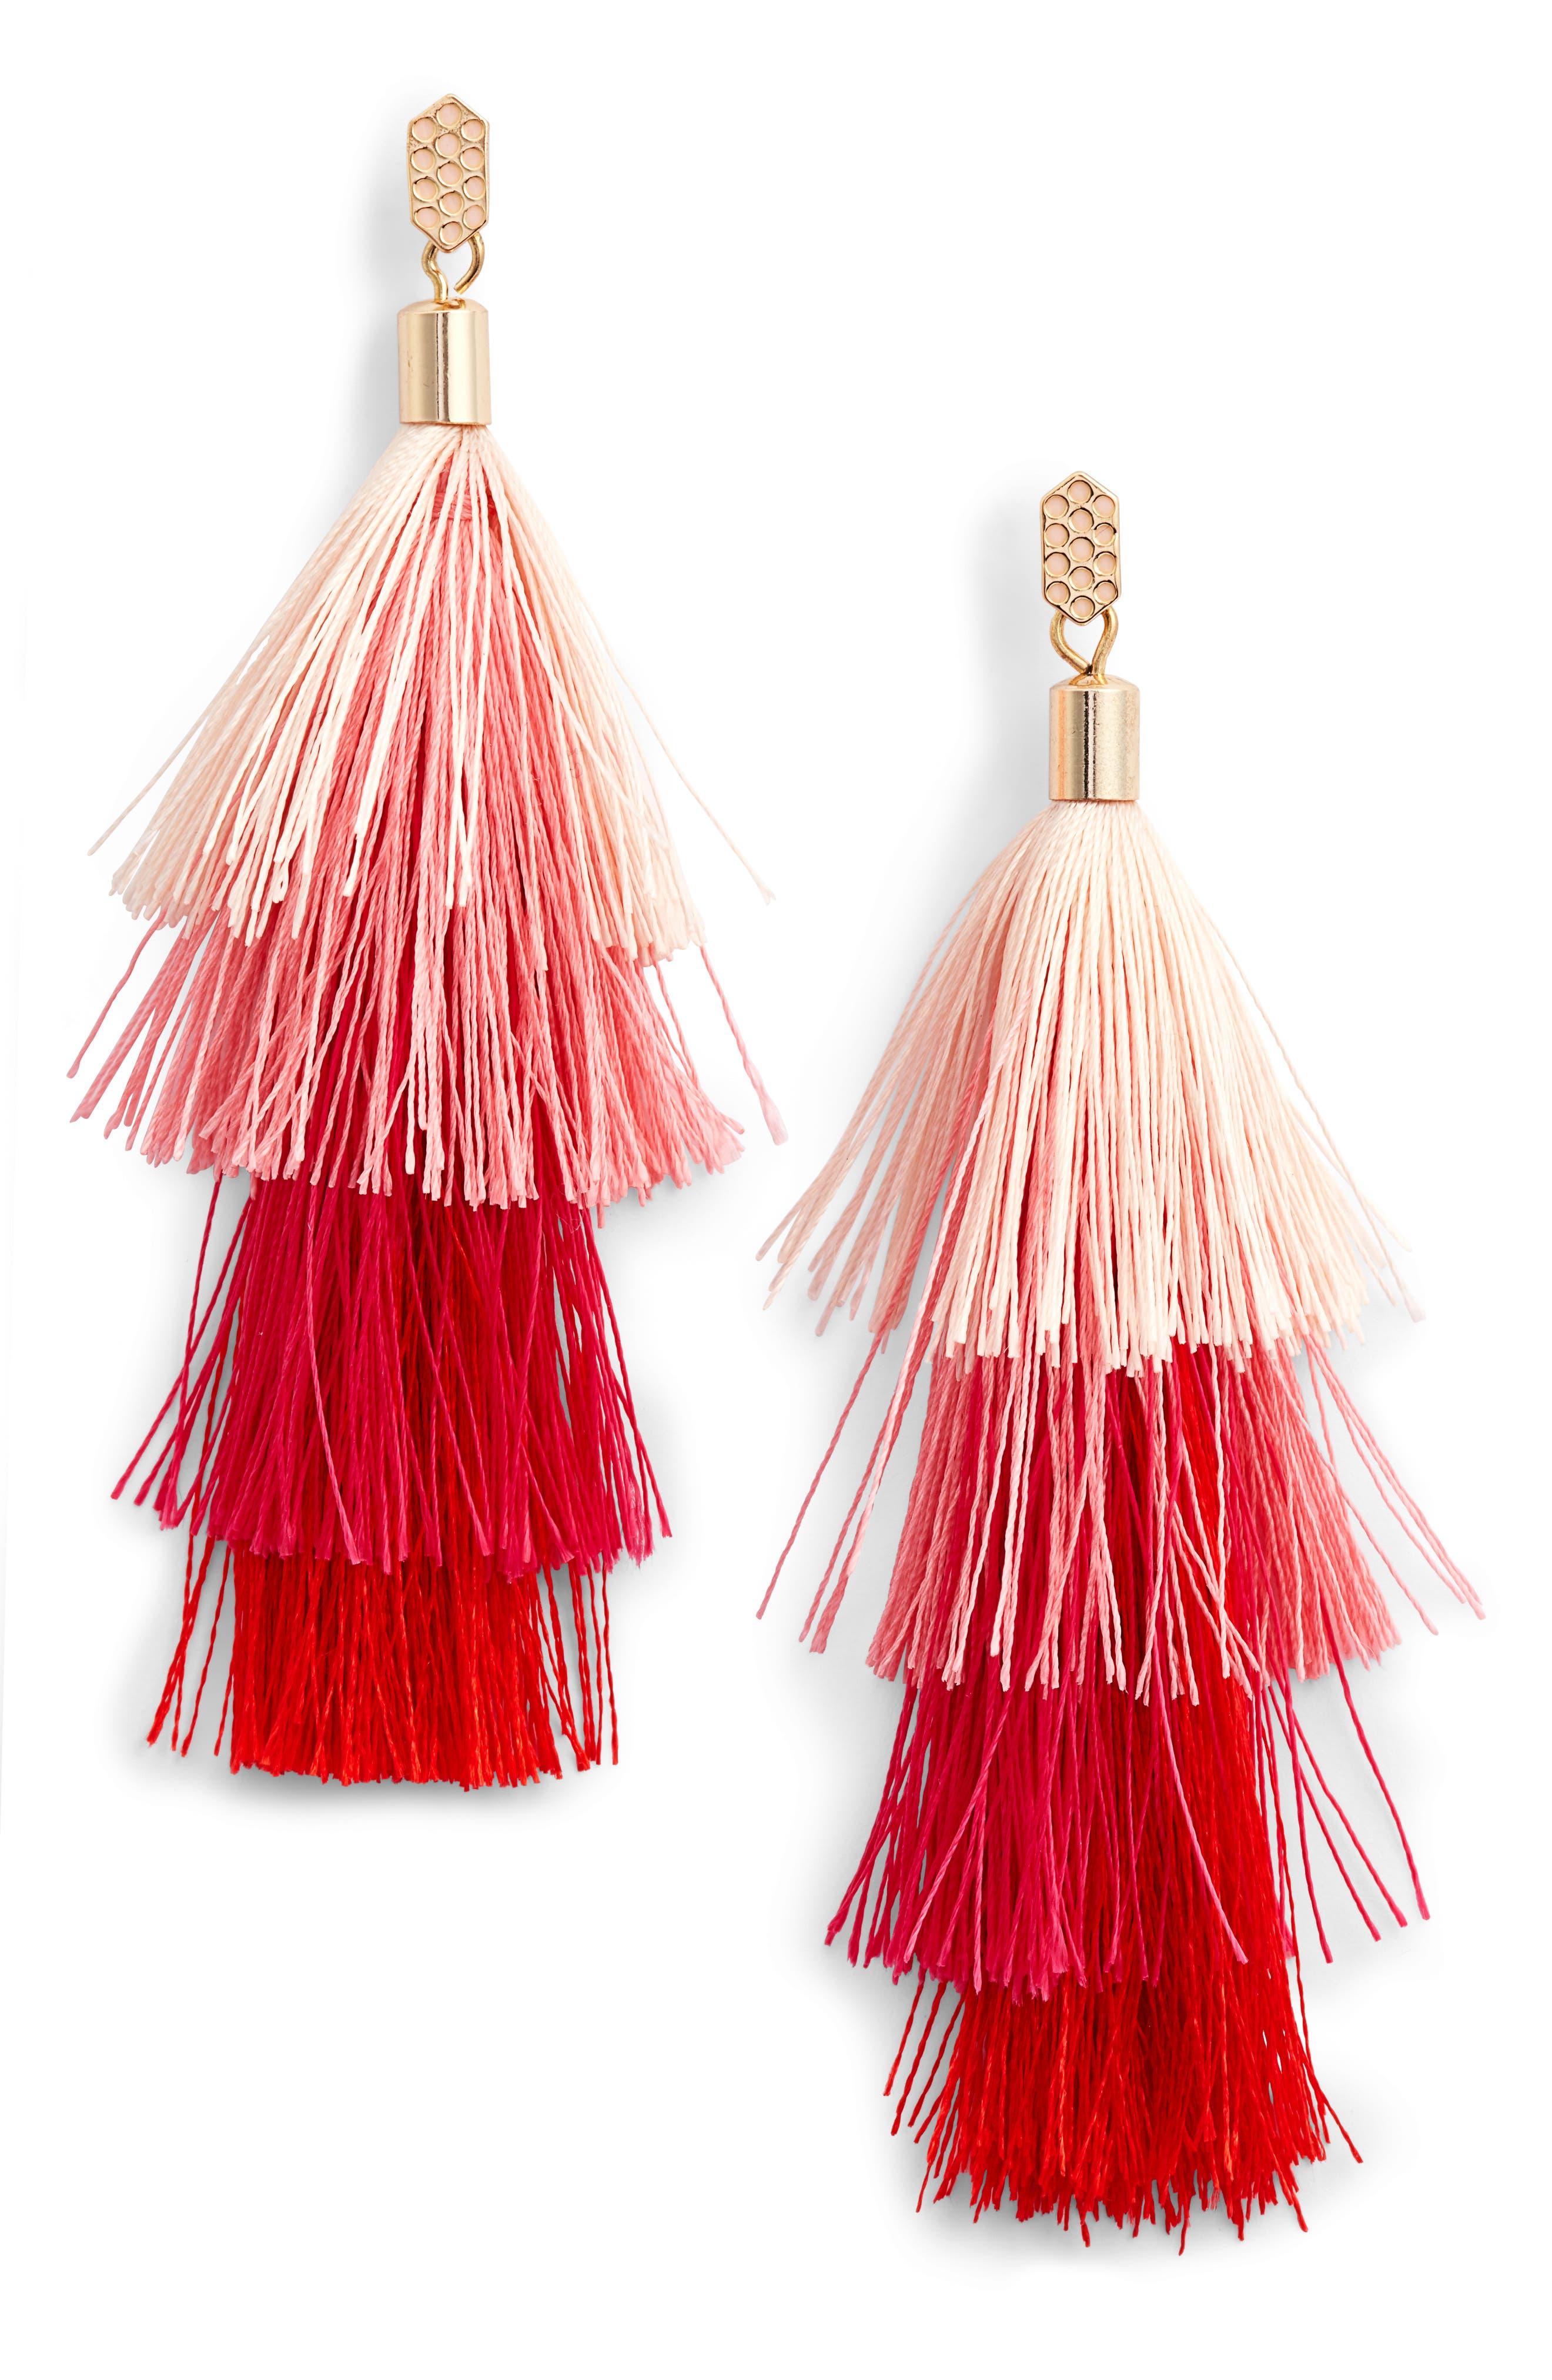 Rebecca Minkoff Stacked Tassel Earrings Lowest Price